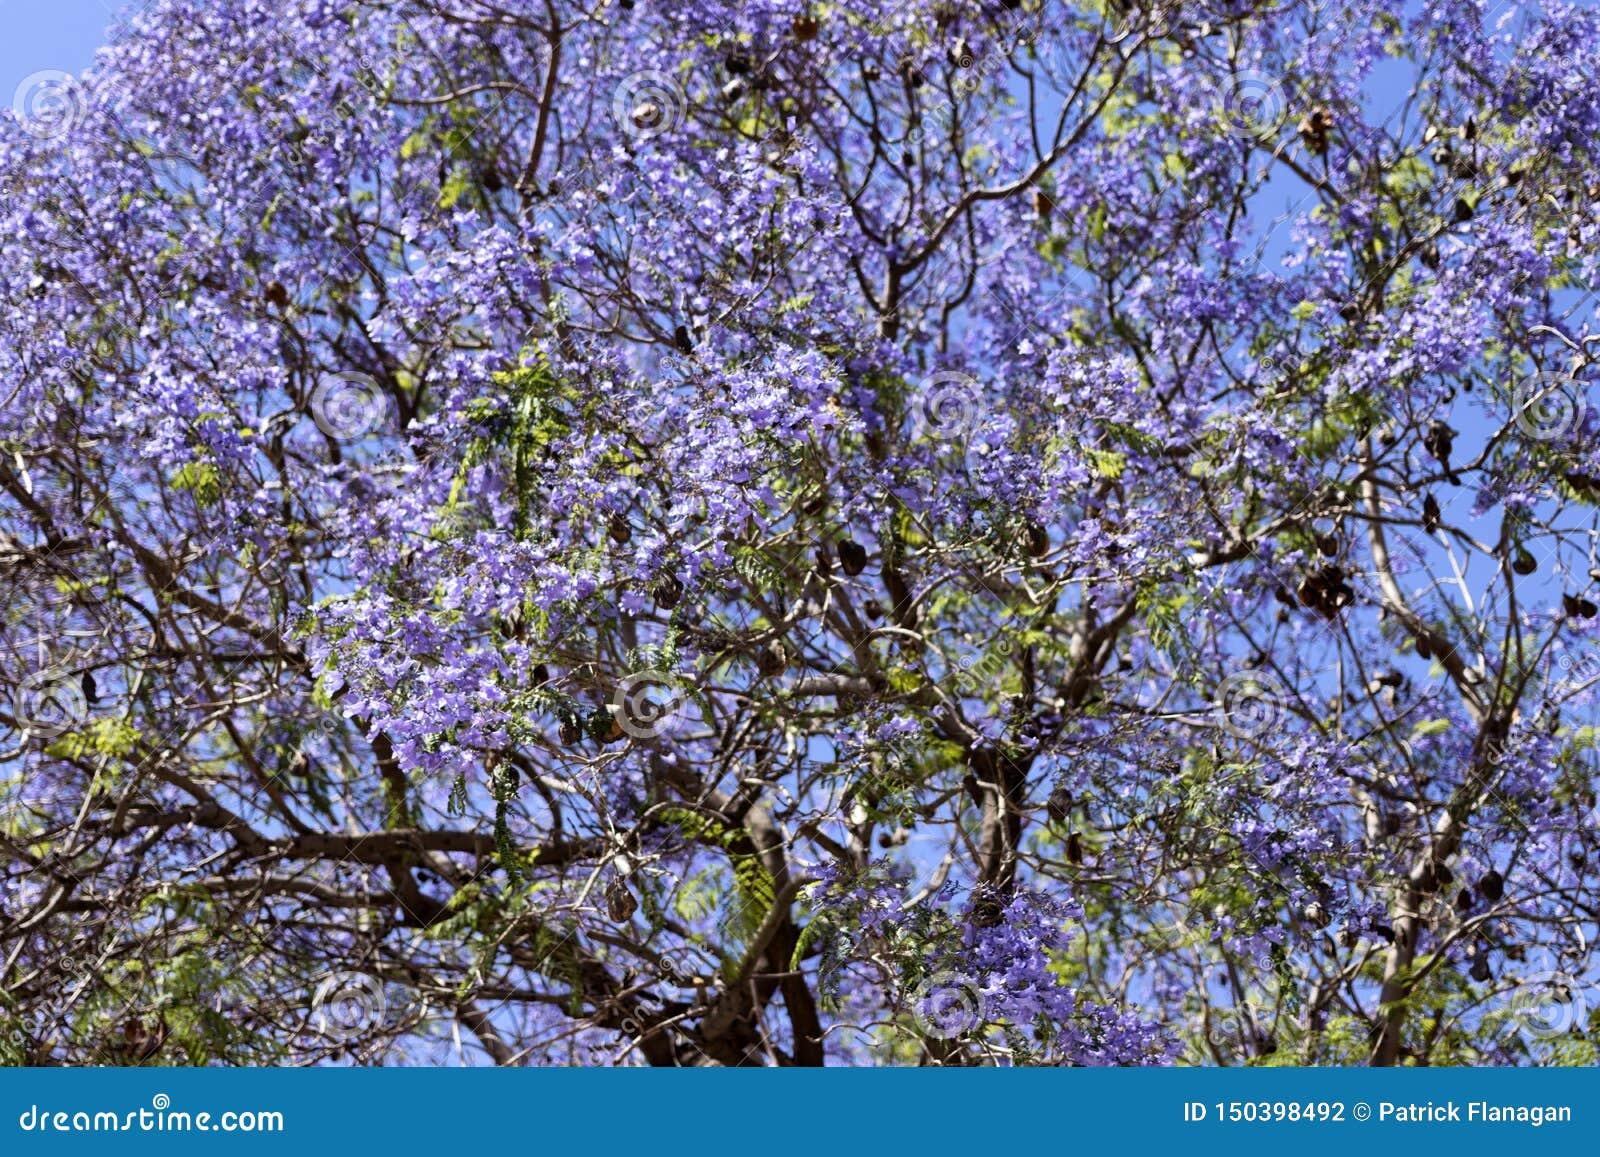 Foto av ett träd med purpurfärgade blommor